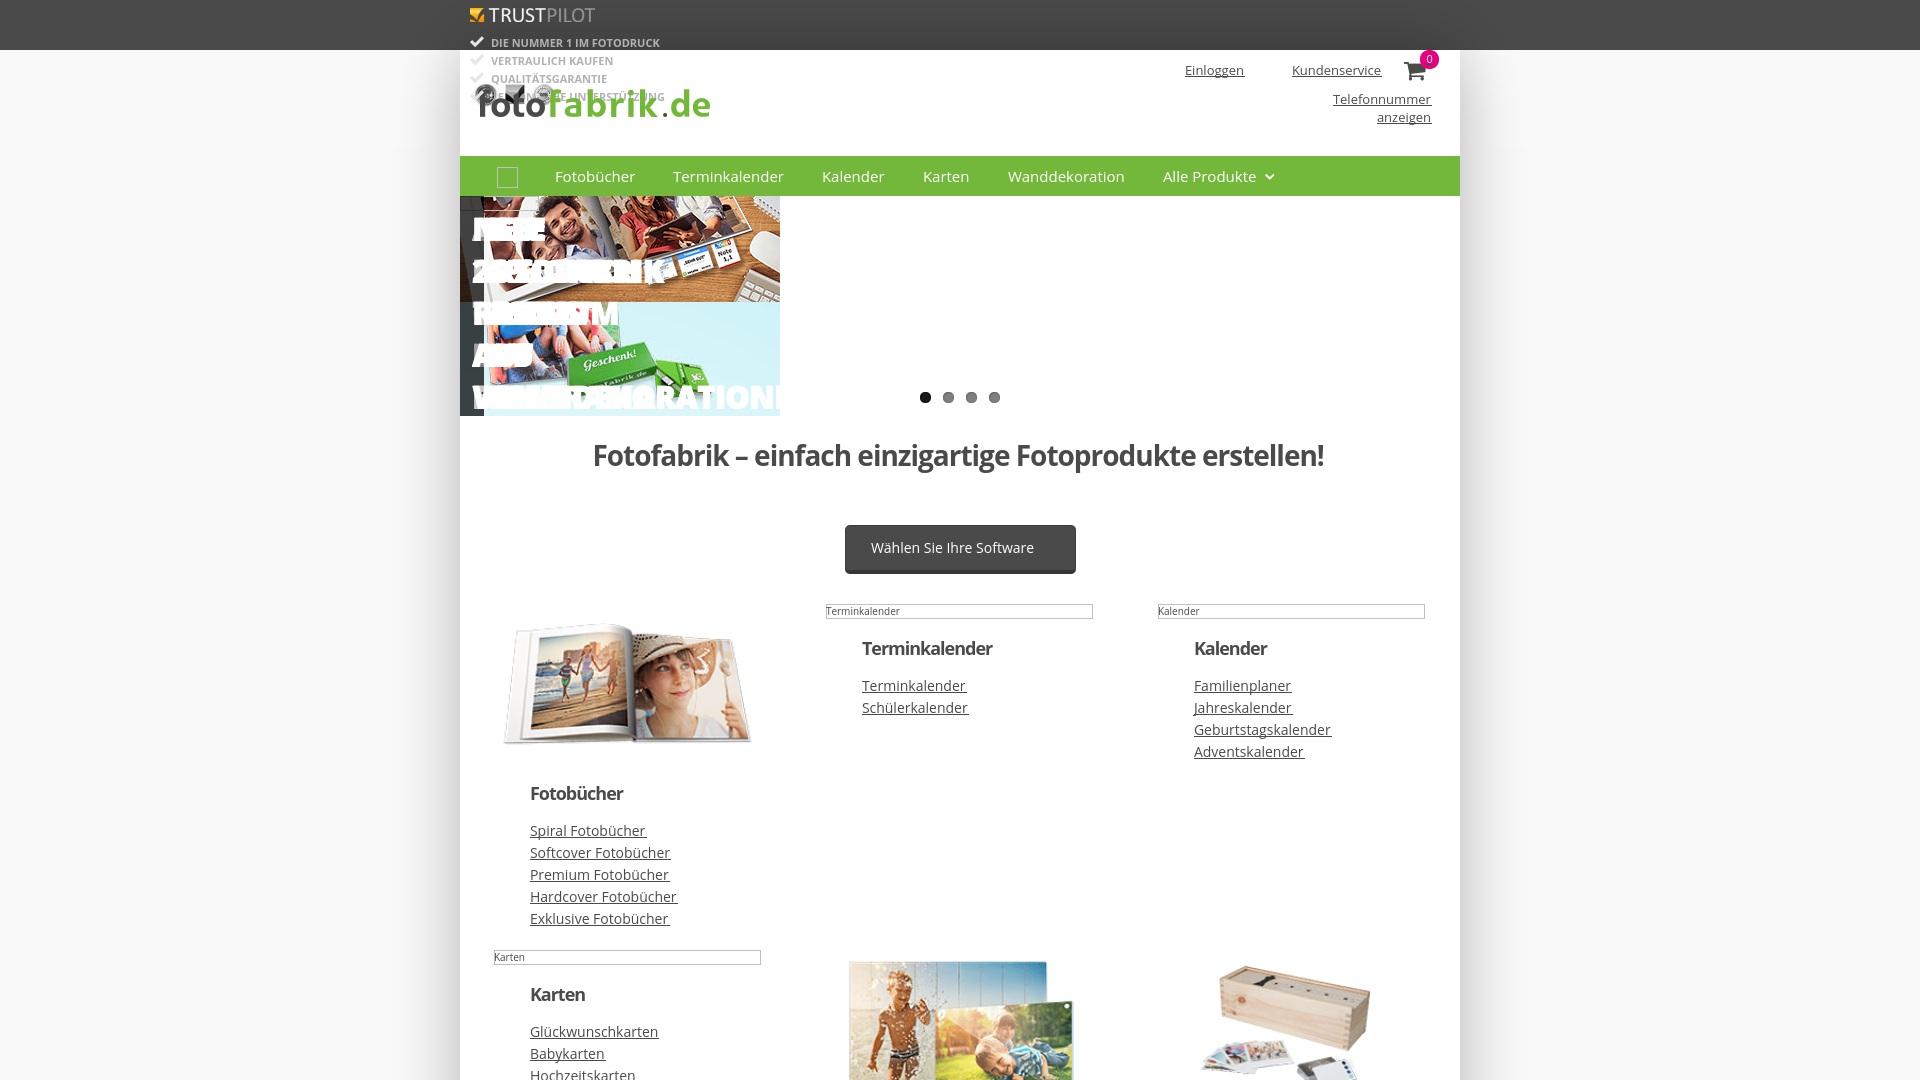 Gutschein für Fotofabrik: Rabatte für  Fotofabrik sichern